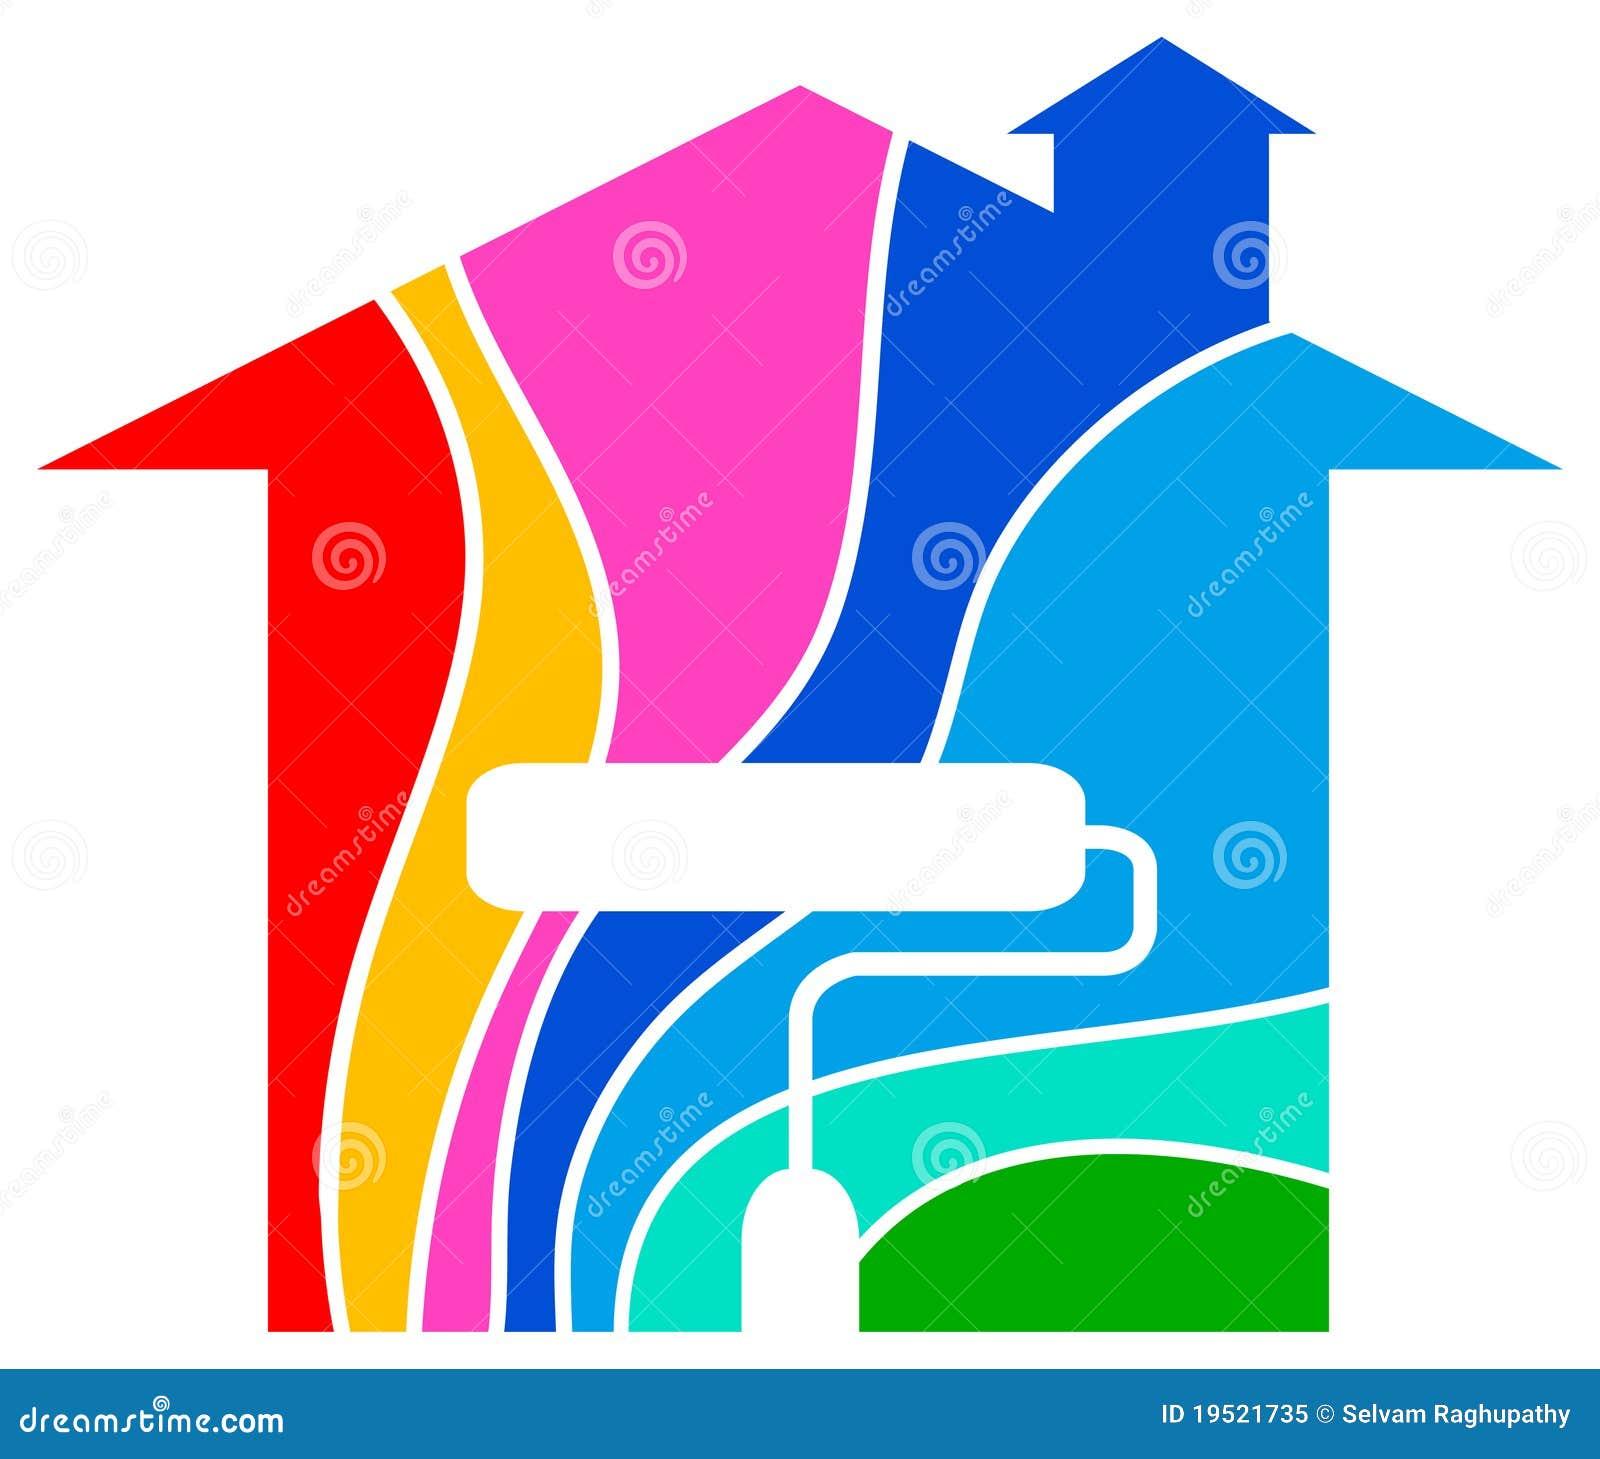 Logo la maison de peinture photo libre de droits image for La maison de la peinture